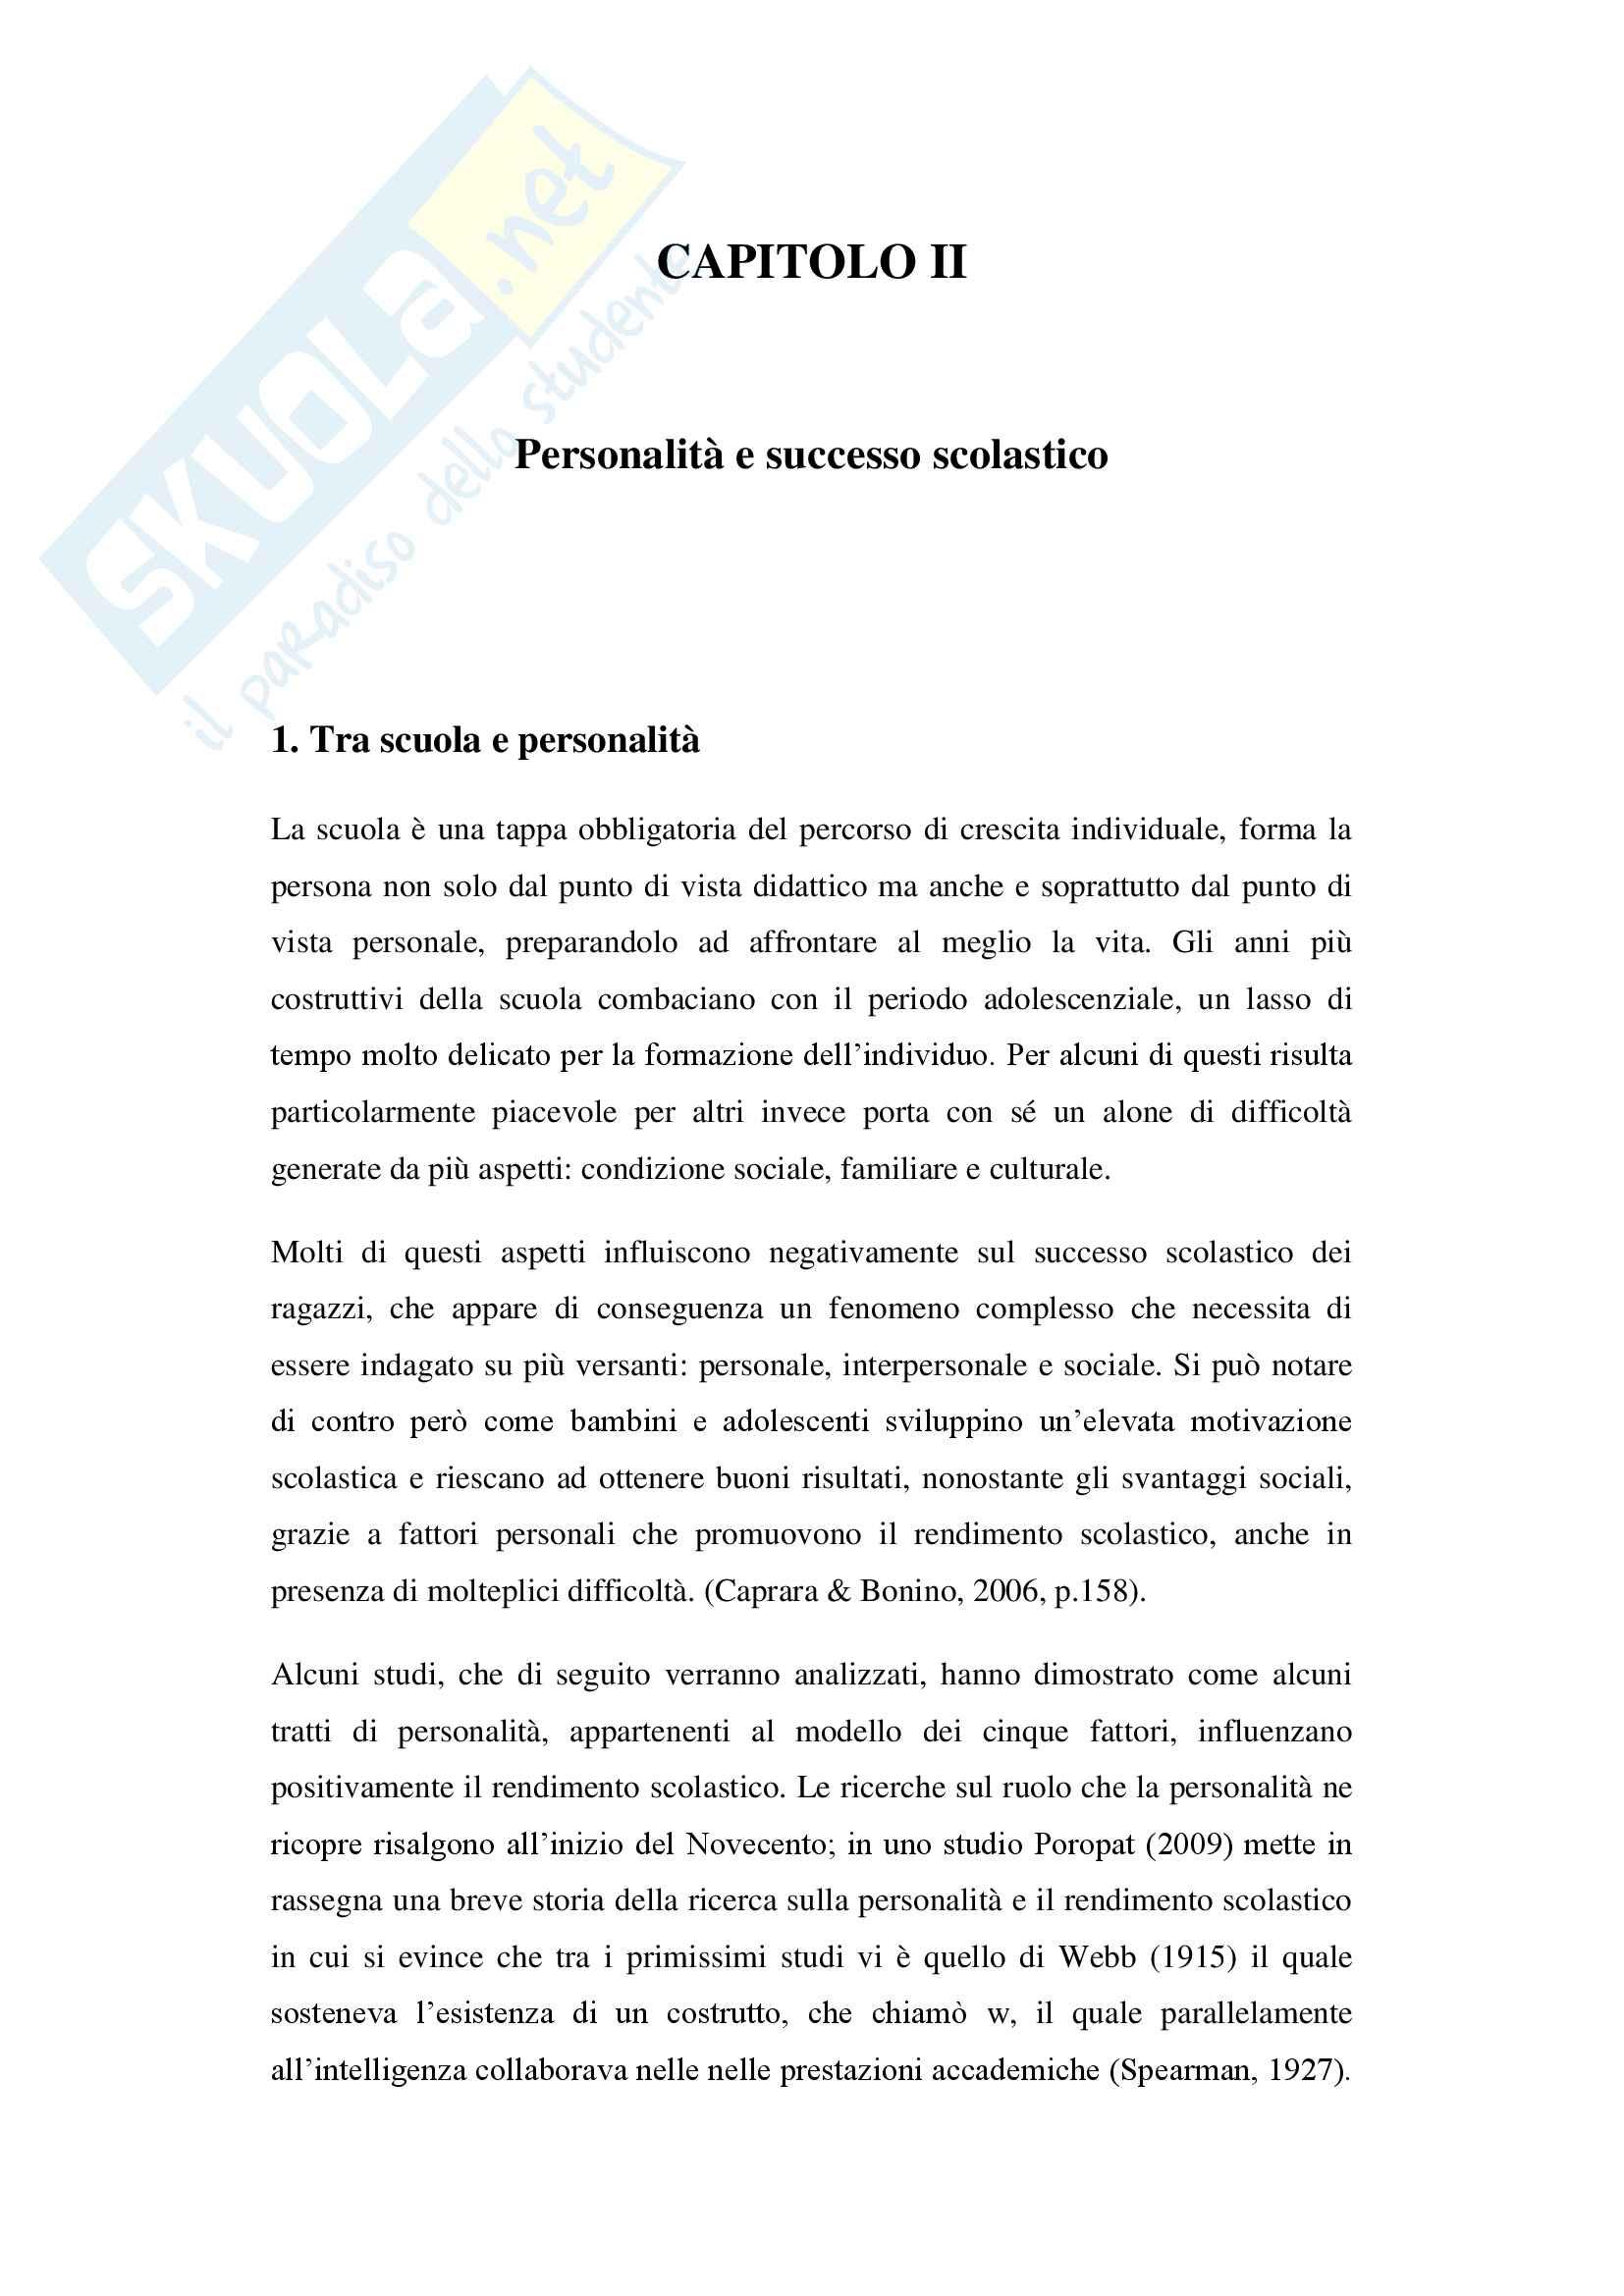 Tratti di personalità e successo scolastico: il ruolo della coscienziosità Pag. 16